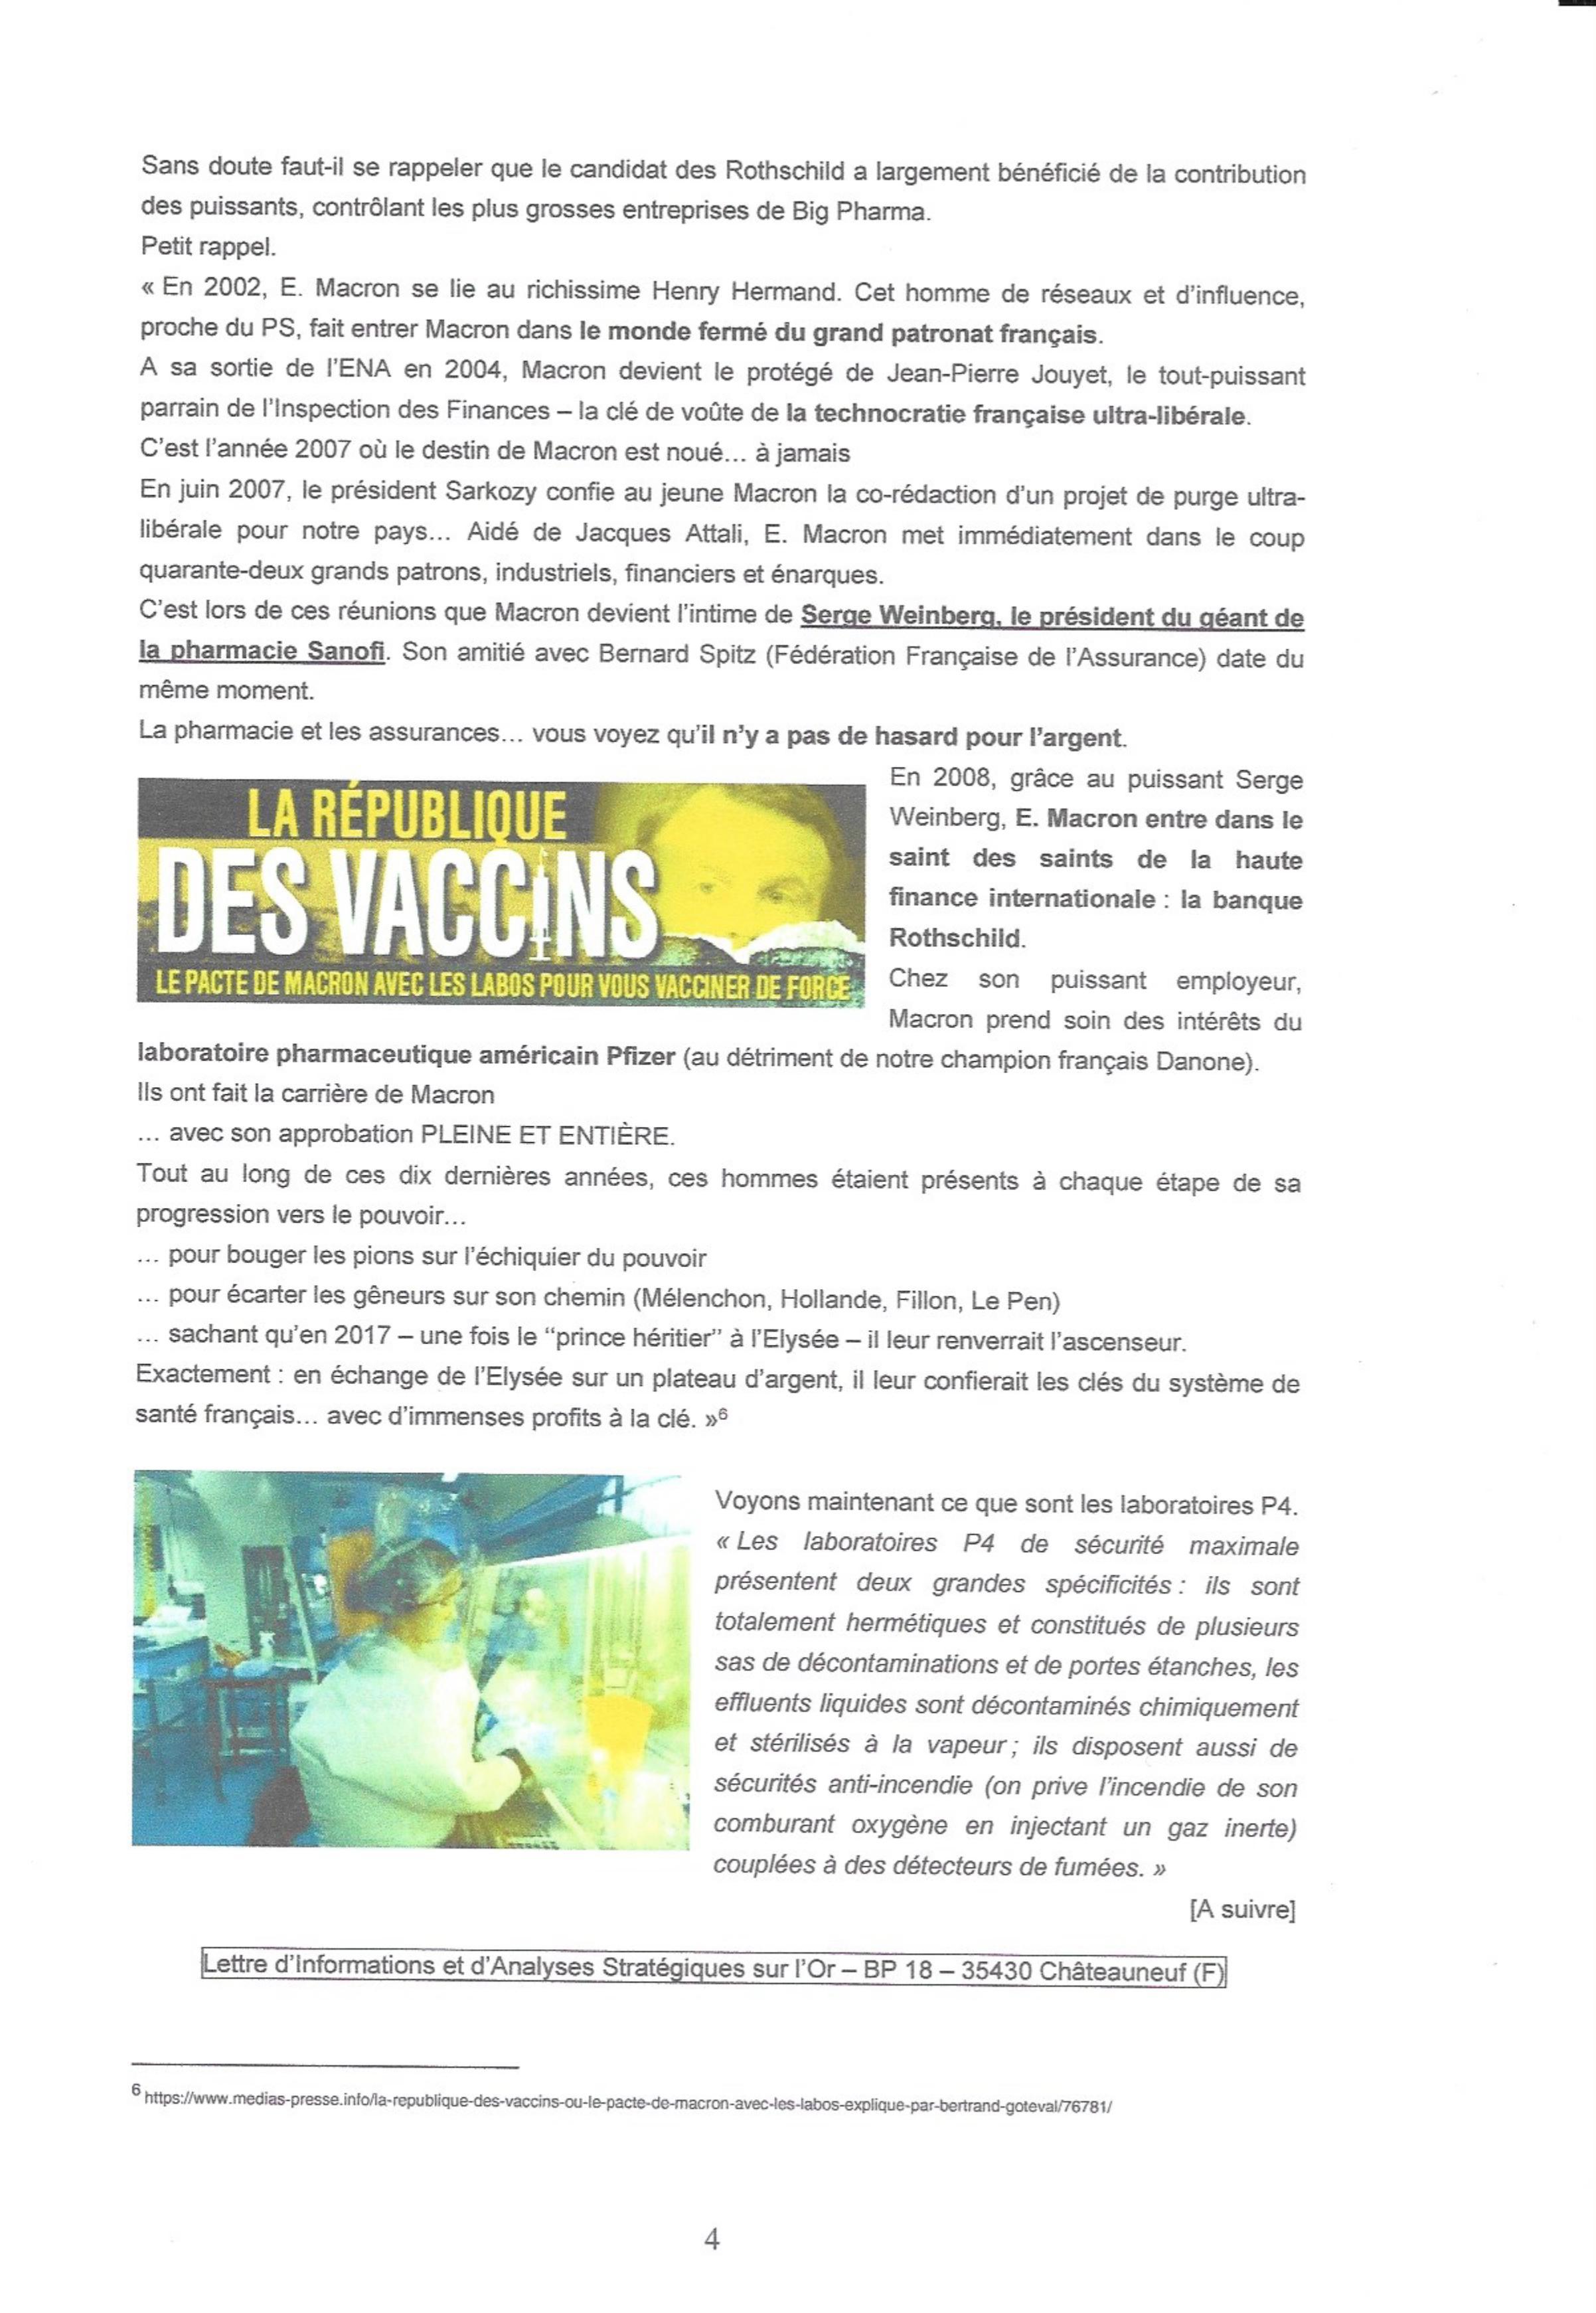 """Les étranges """"coïncidences"""" du Coronavirus : une arme qui tombe à pic dans l'agenda mondialiste... hasard ou calendrier occulte ? 000413"""